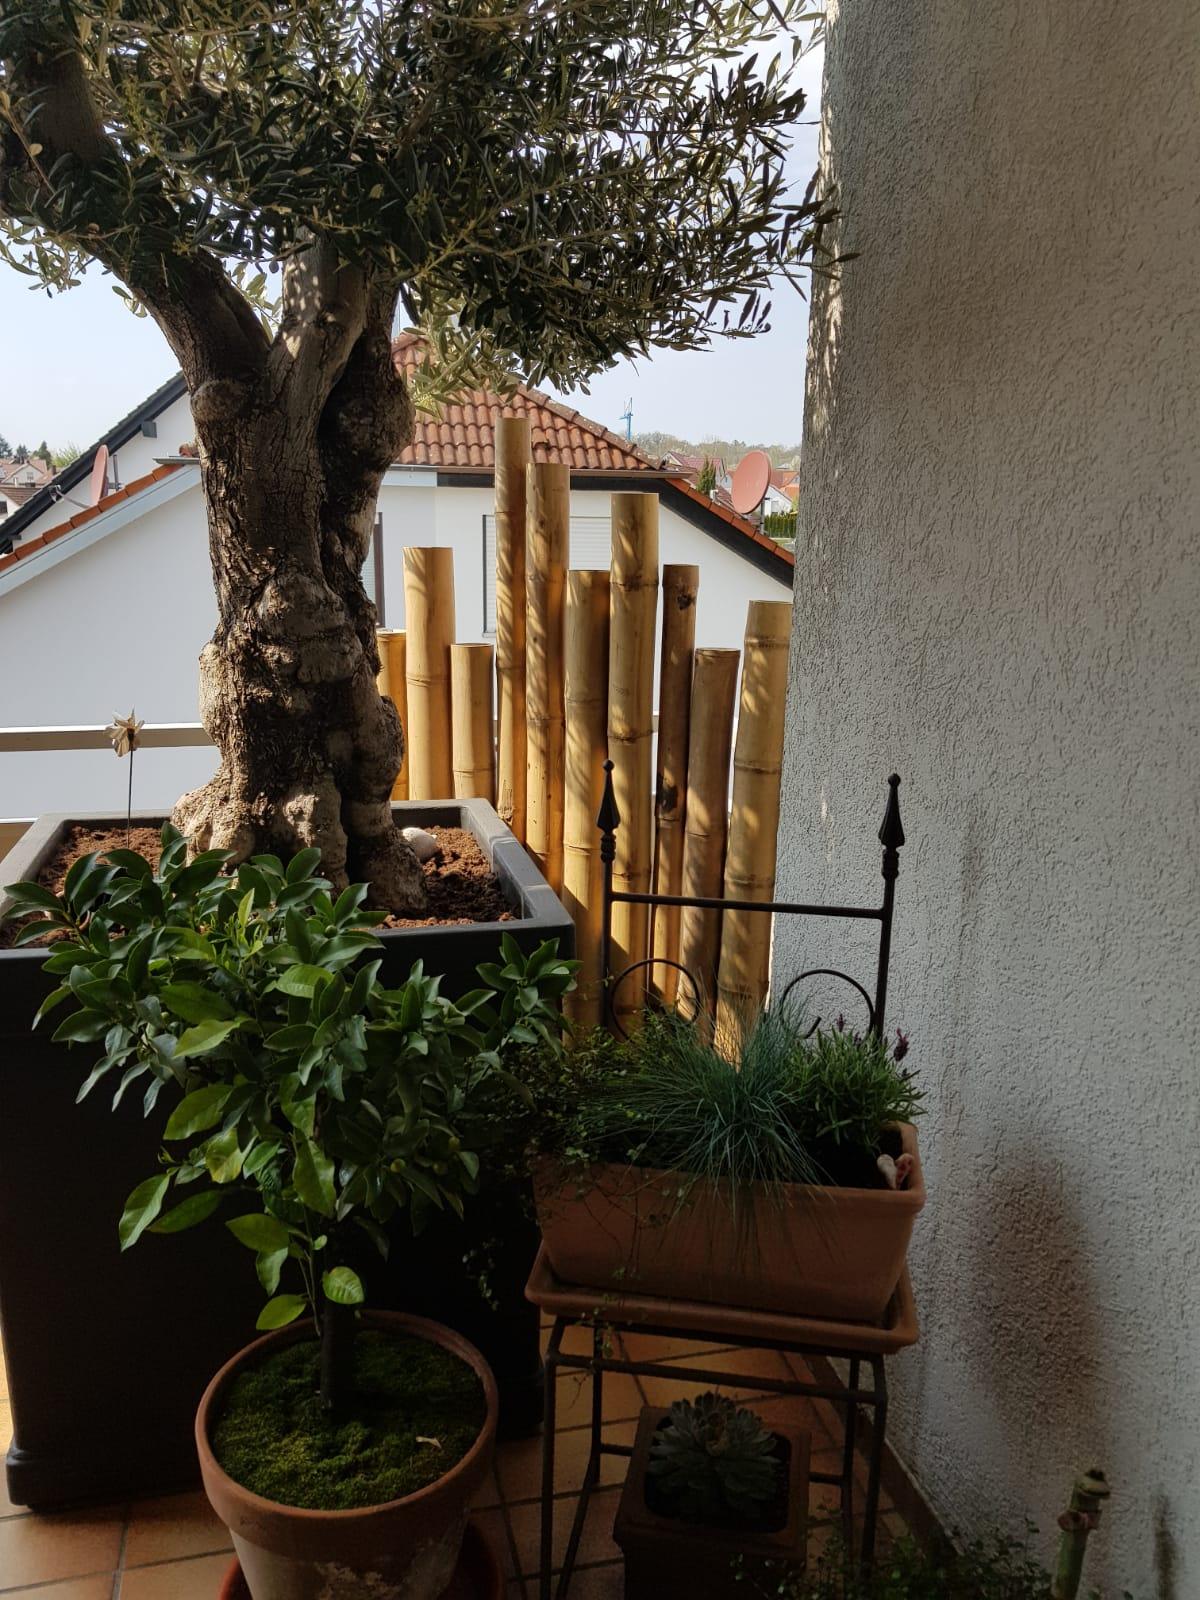 Bambus-Sichtschutz und Olivenbaum.jpg